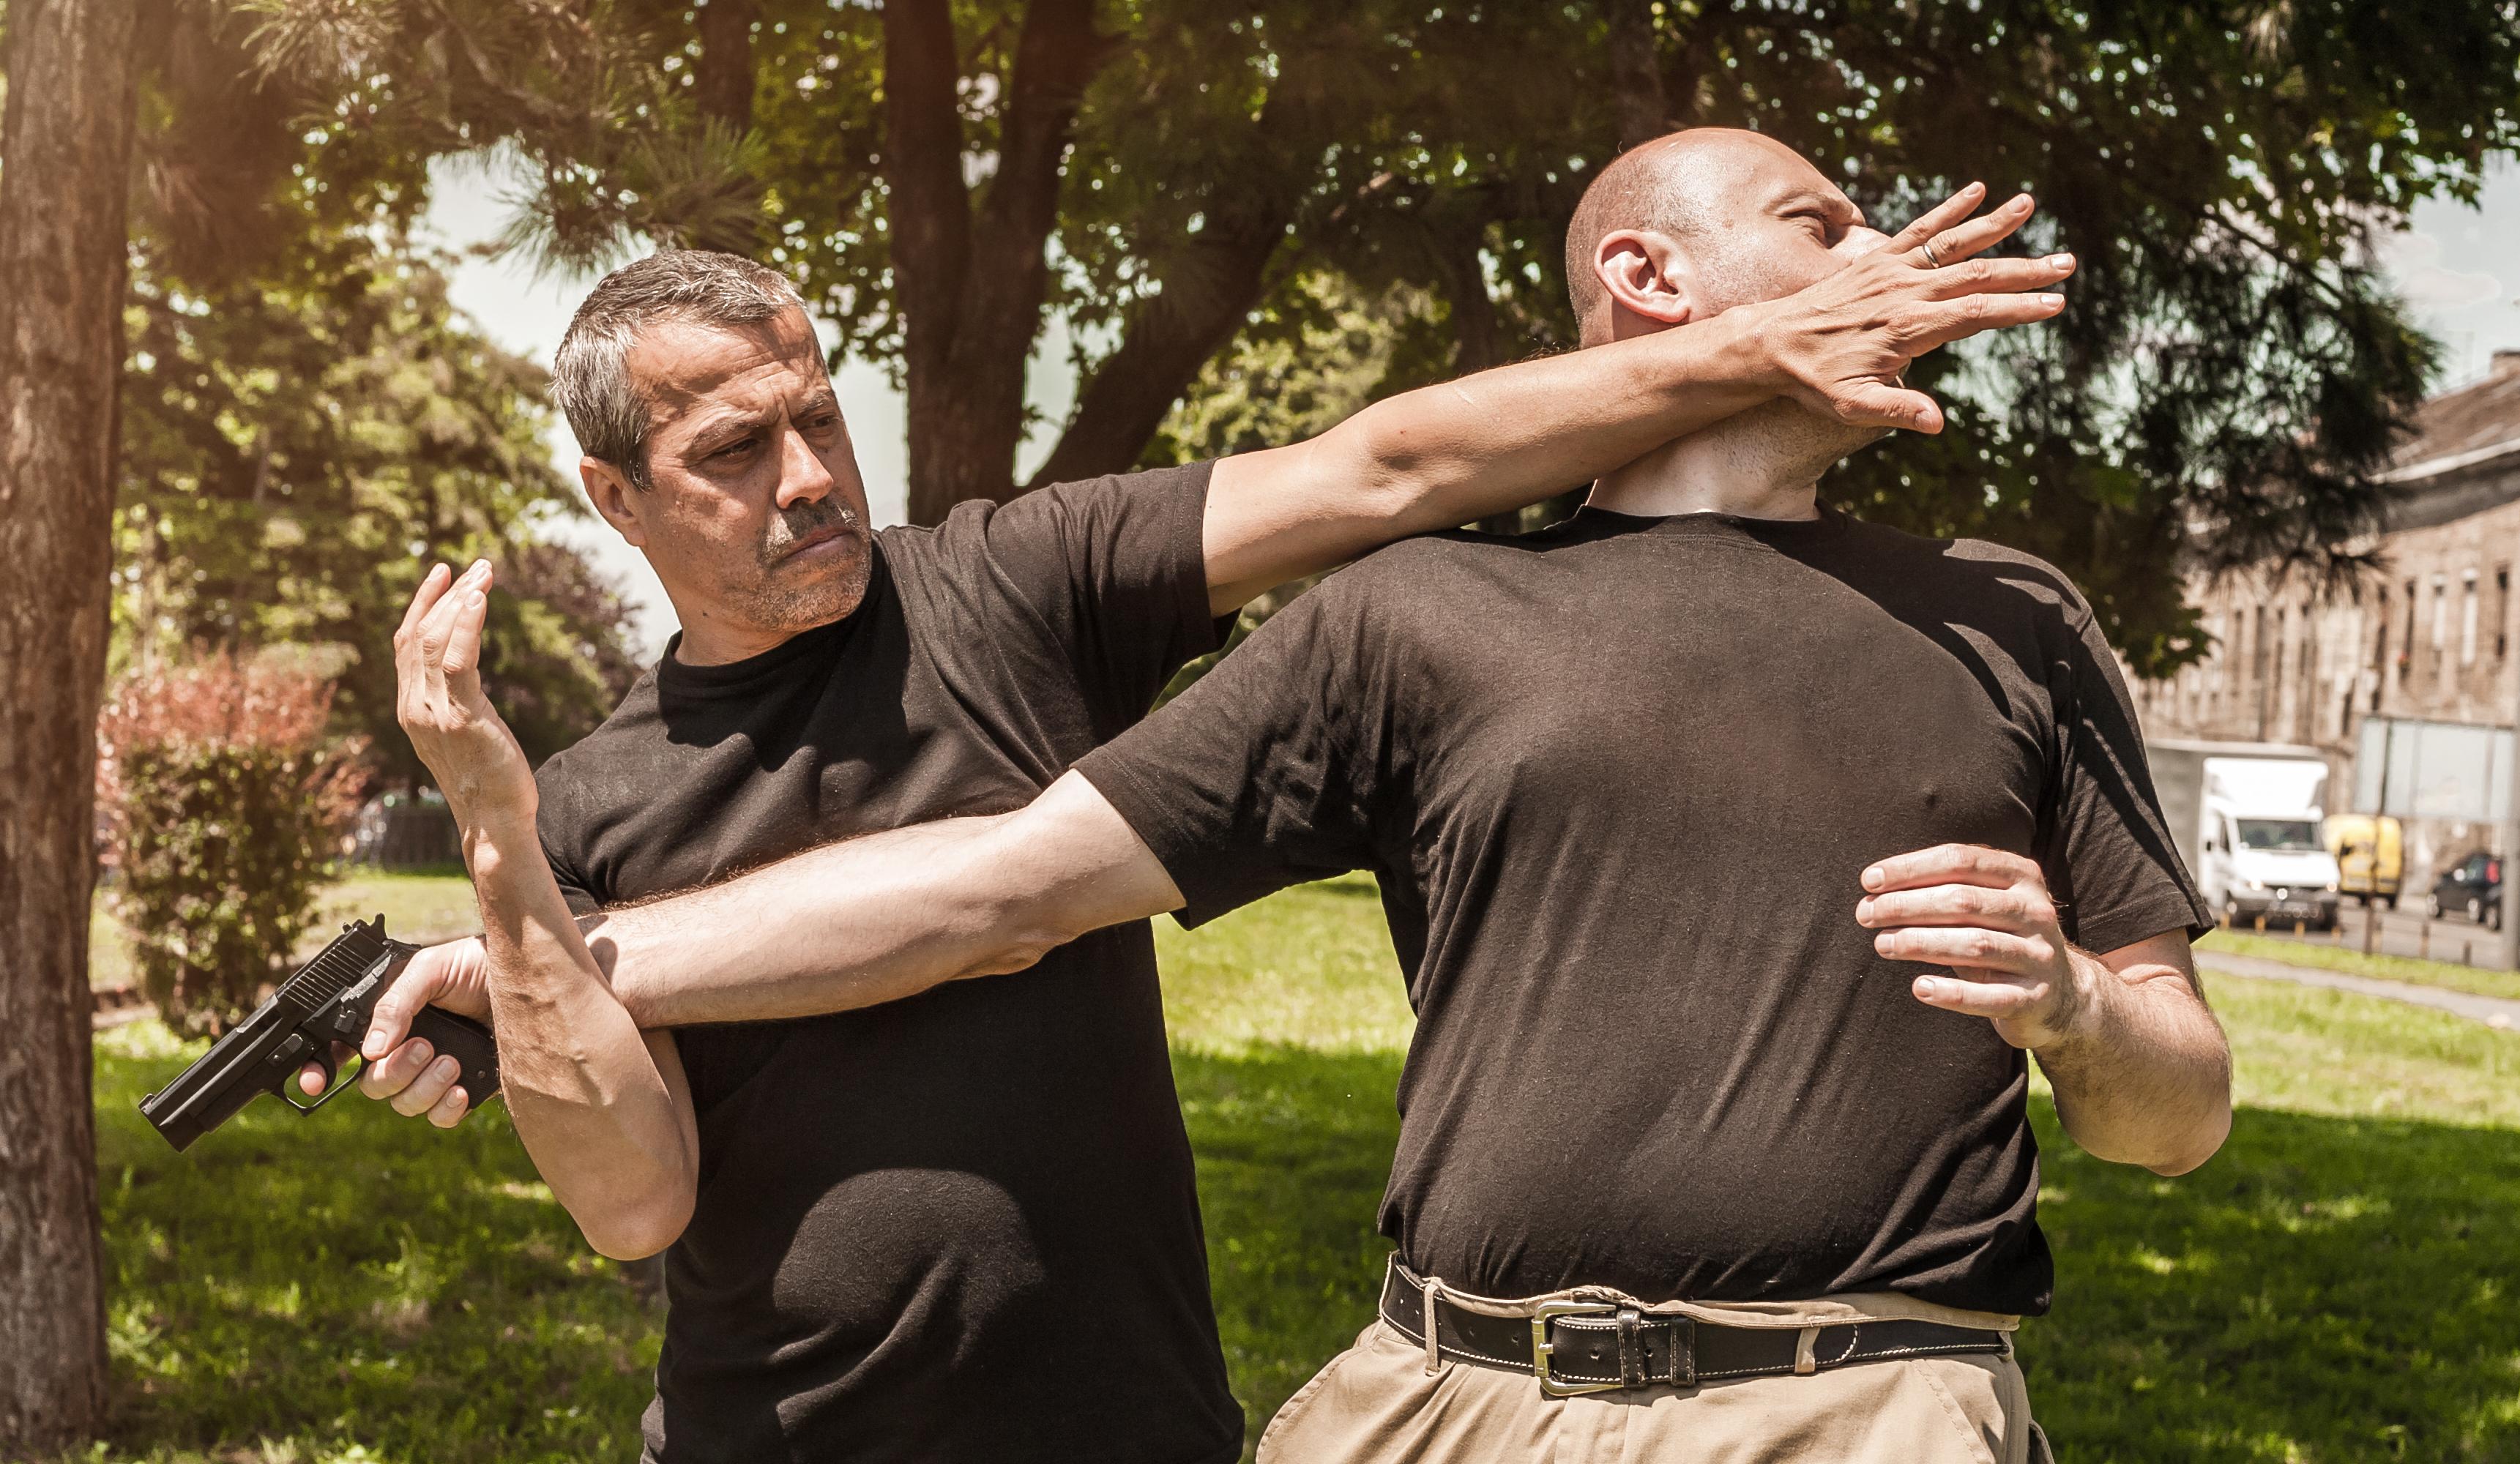 upoznavanje instruktora borilačkih vještina izlazak na dominaciju